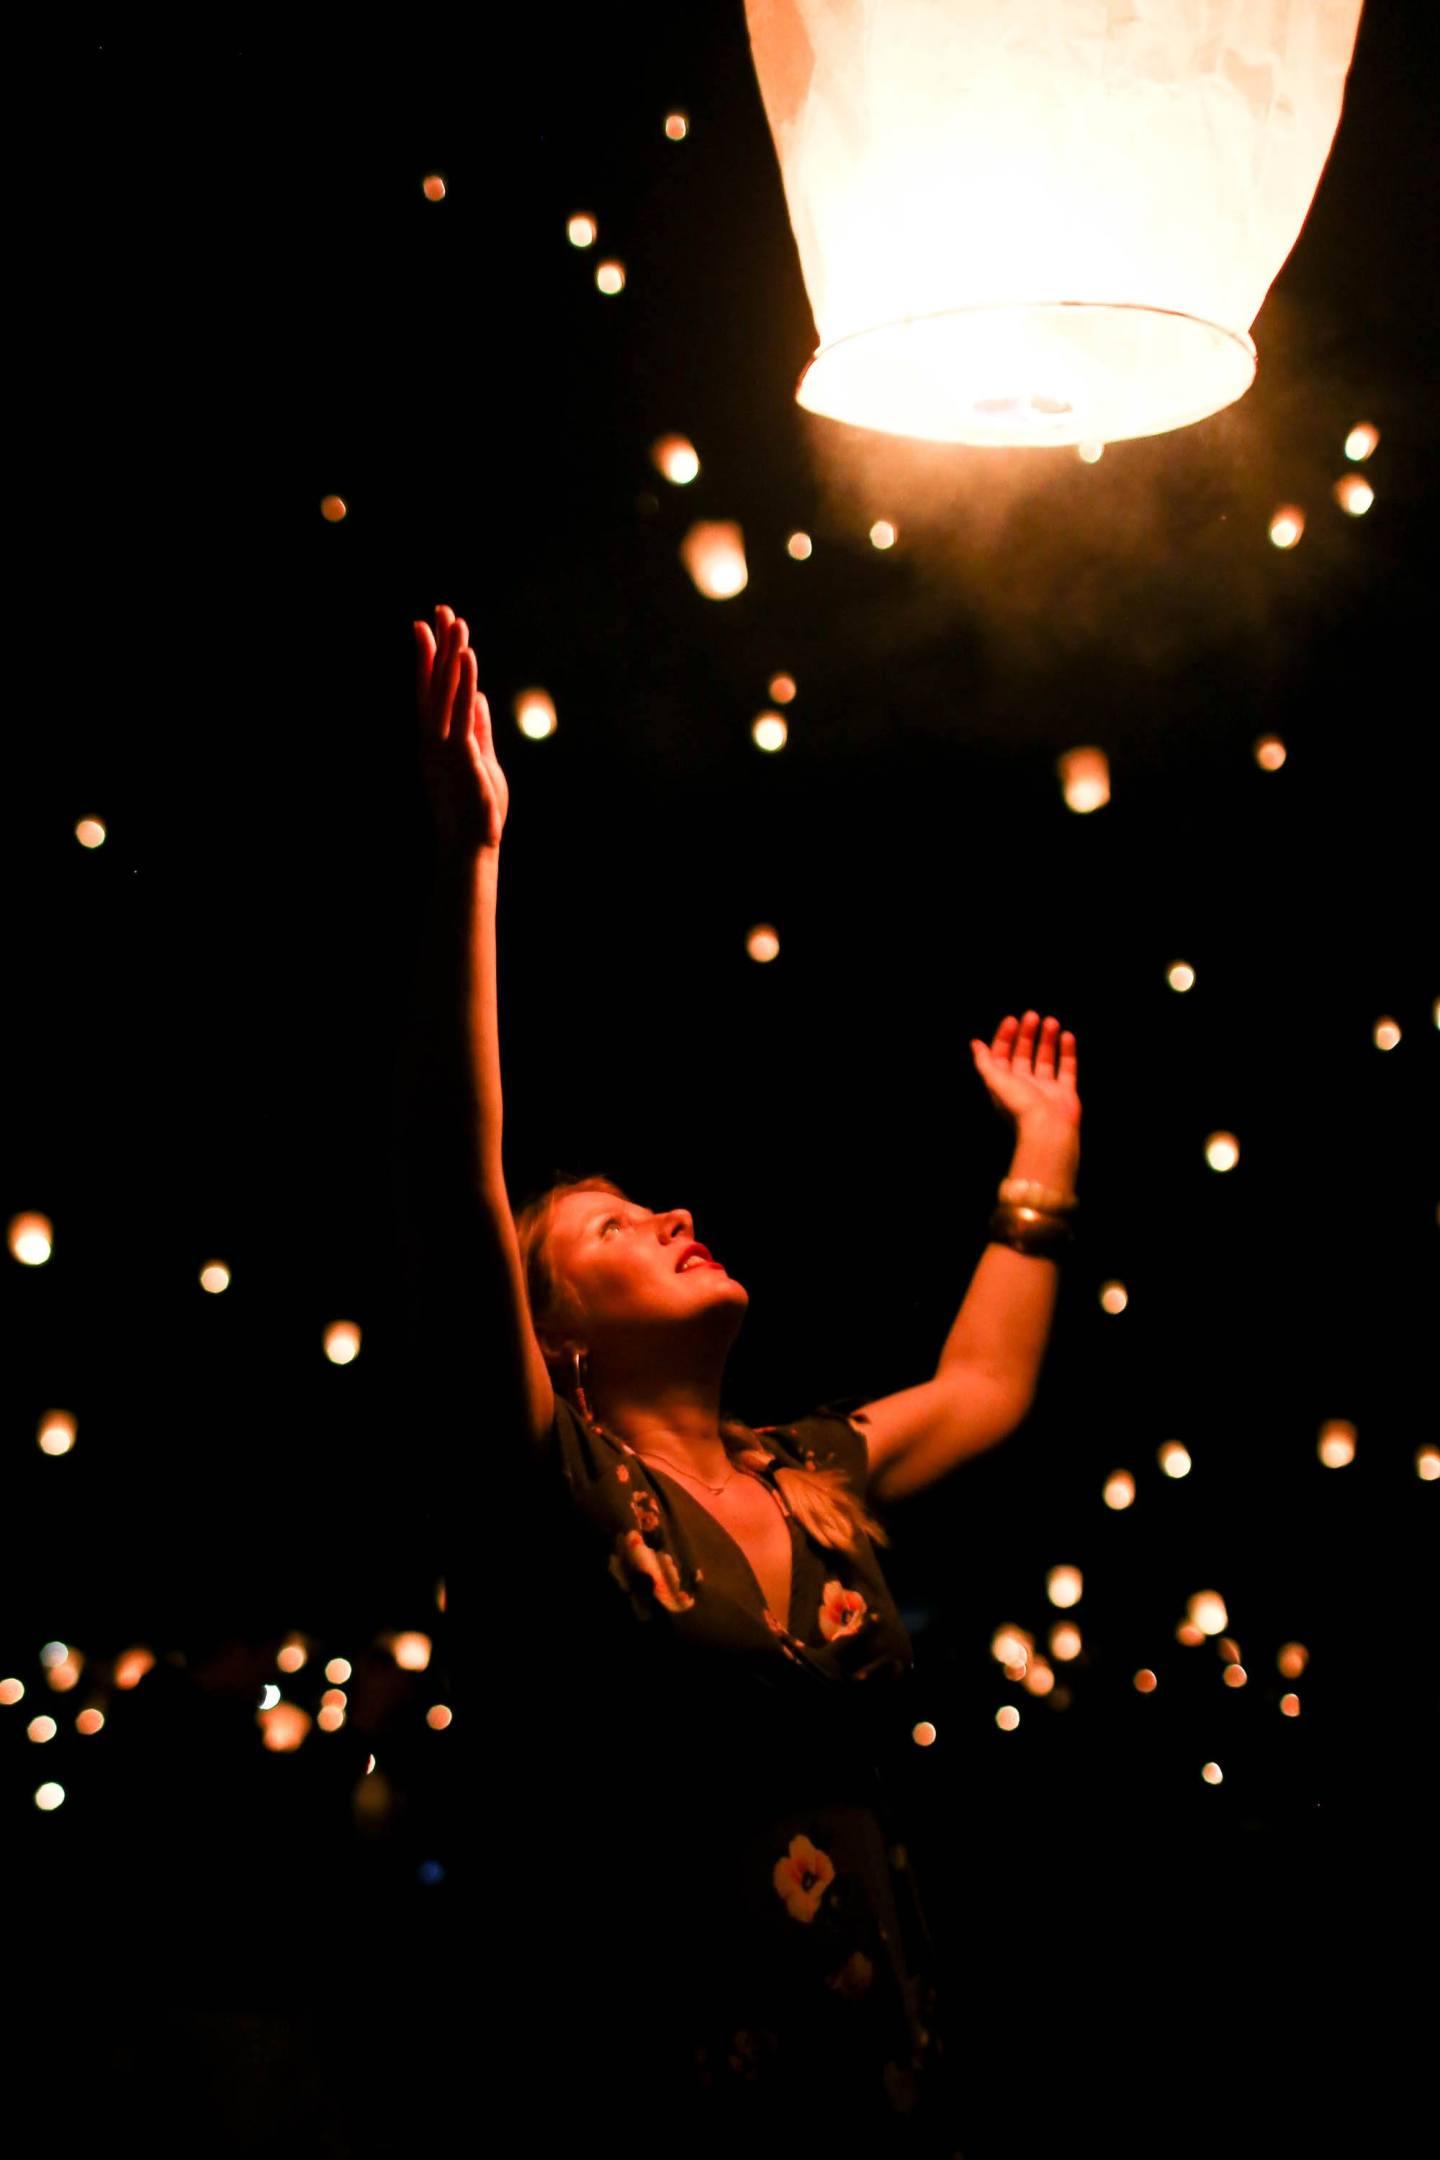 the lights fest lantern festival